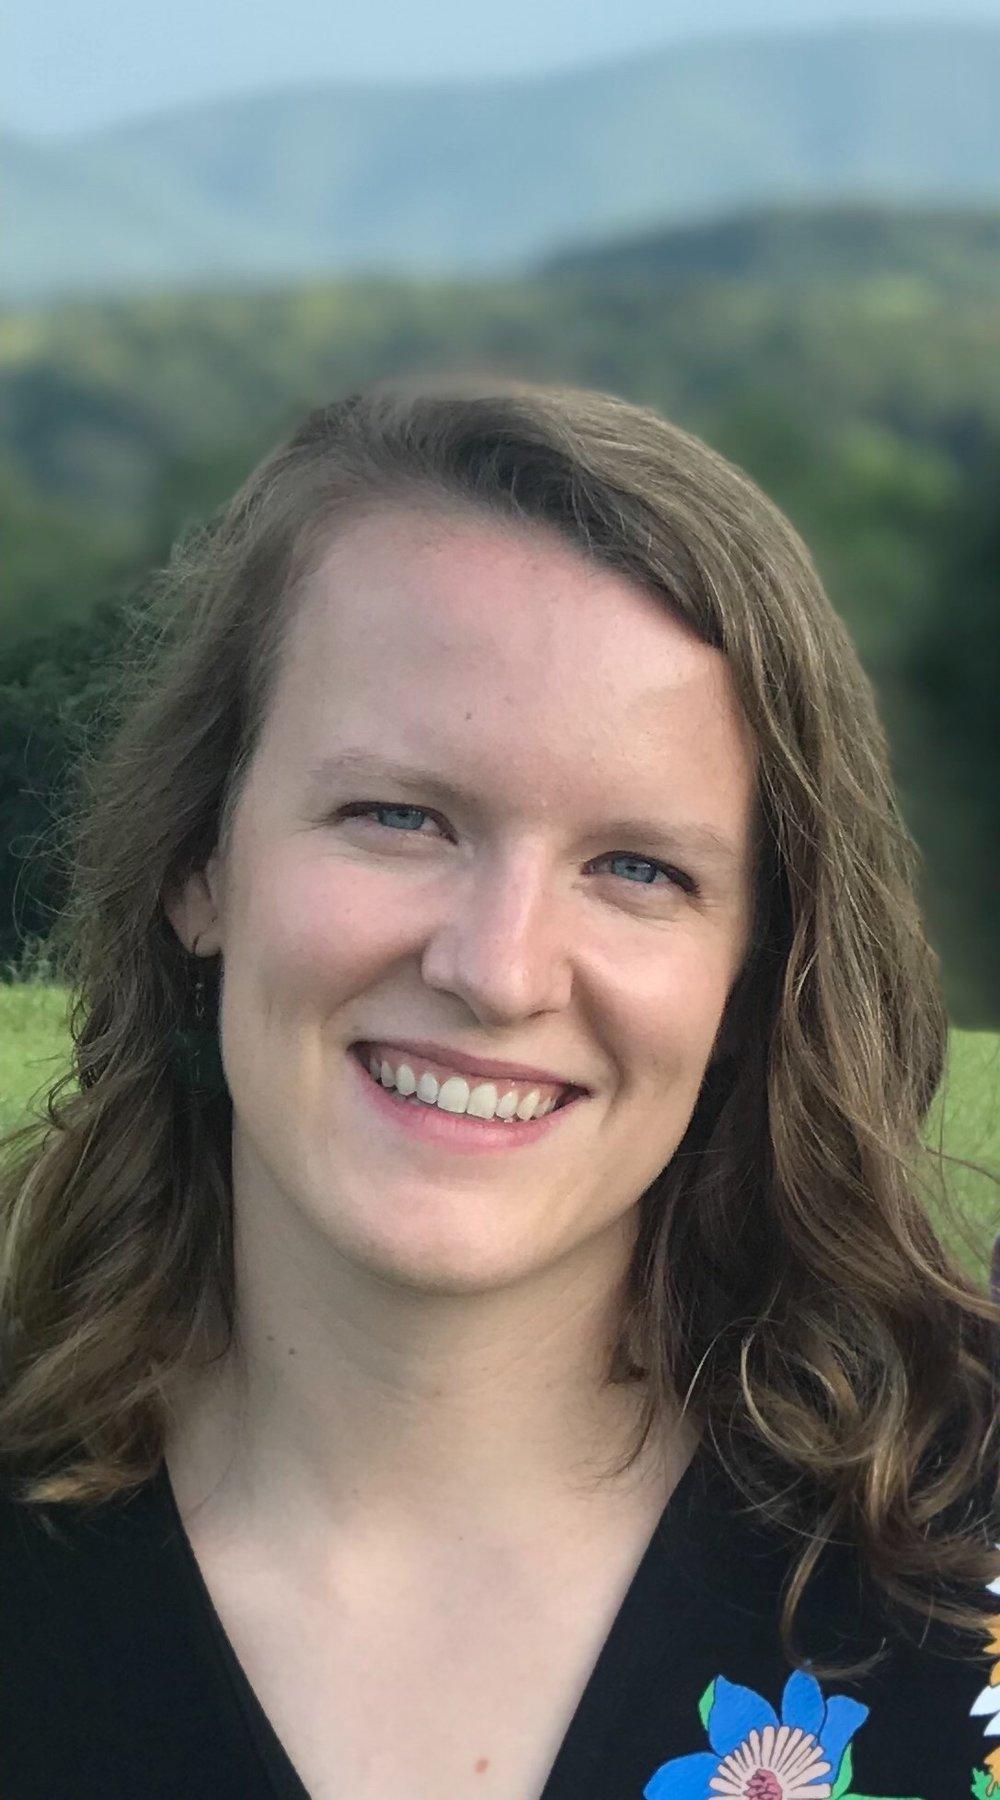 Jillian Foerster